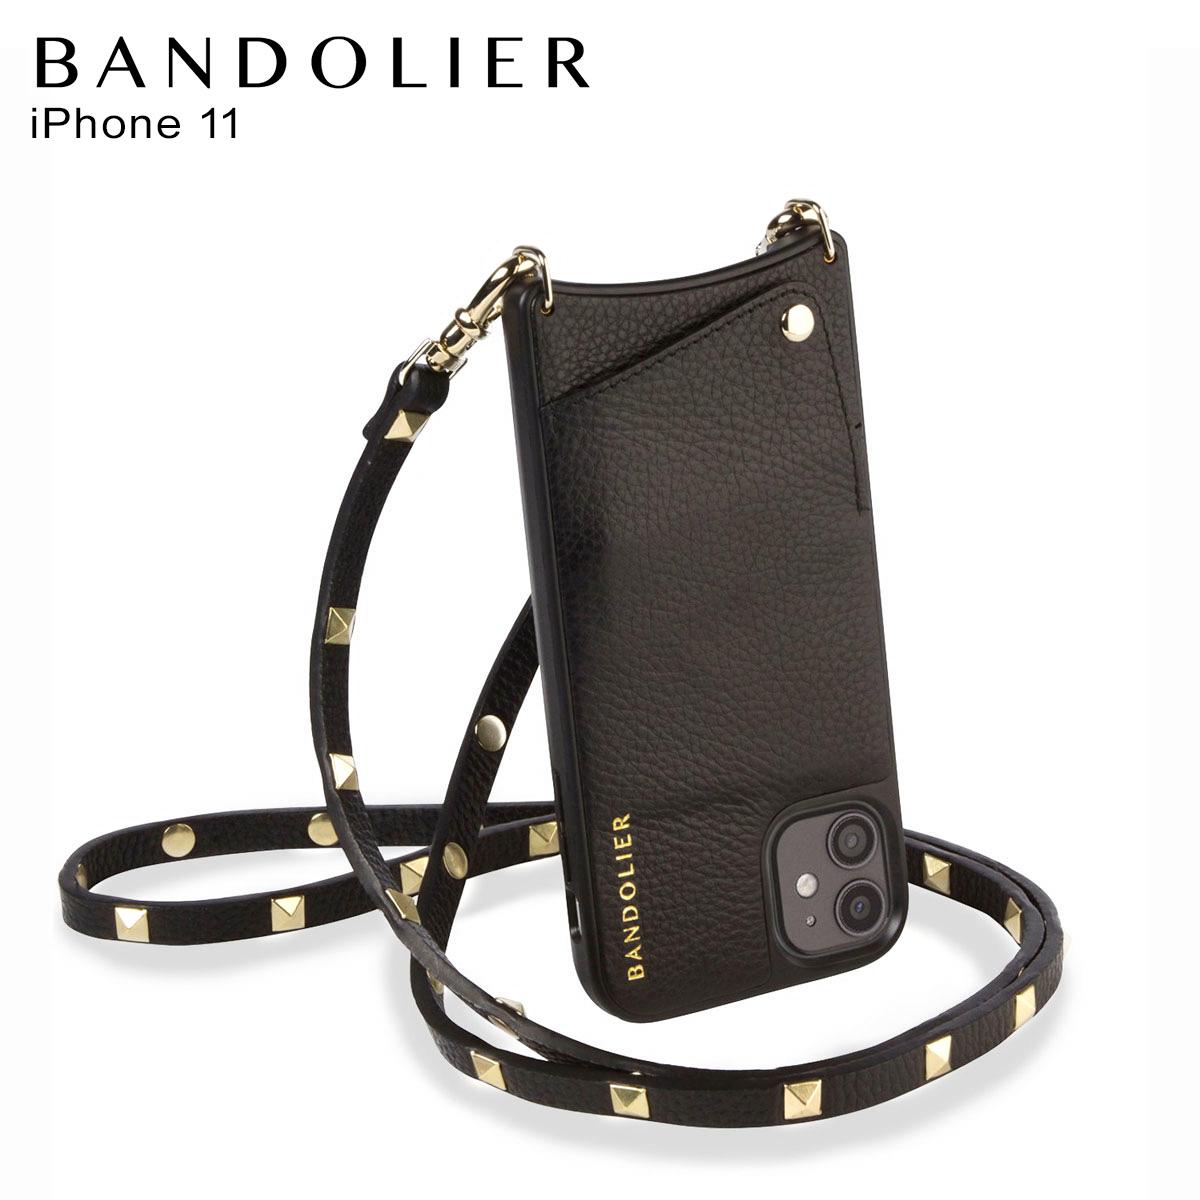 バンドリヤー BANDOLIER サラ ゴールド iPhone11 ケース スマホ 携帯 ショルダー アイフォン メンズ レディース SARAH GOLD ブラック 黒 2014